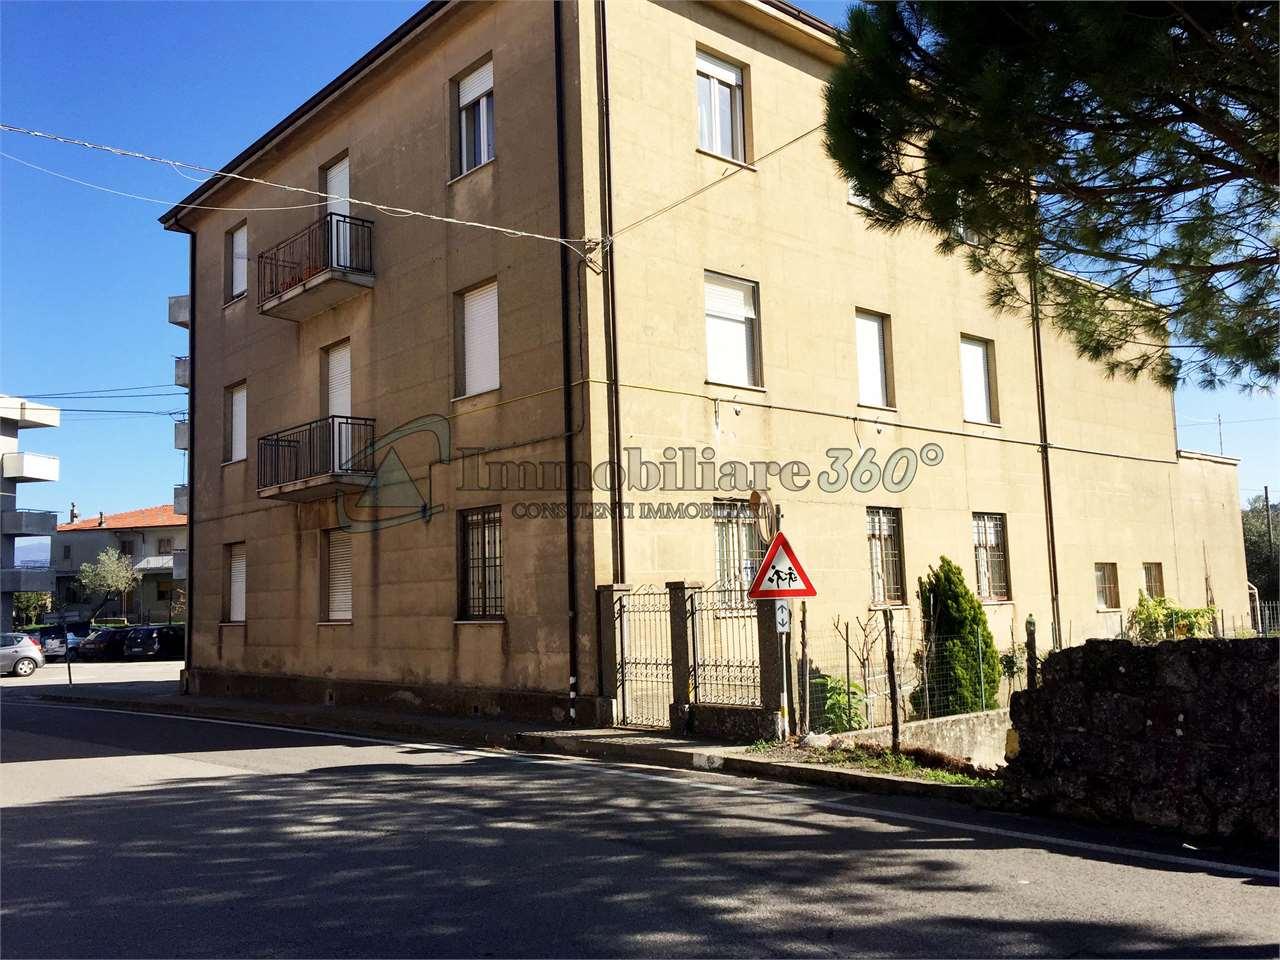 Appartamento in vendita a Carolei, 3 locali, prezzo € 35.000 | CambioCasa.it